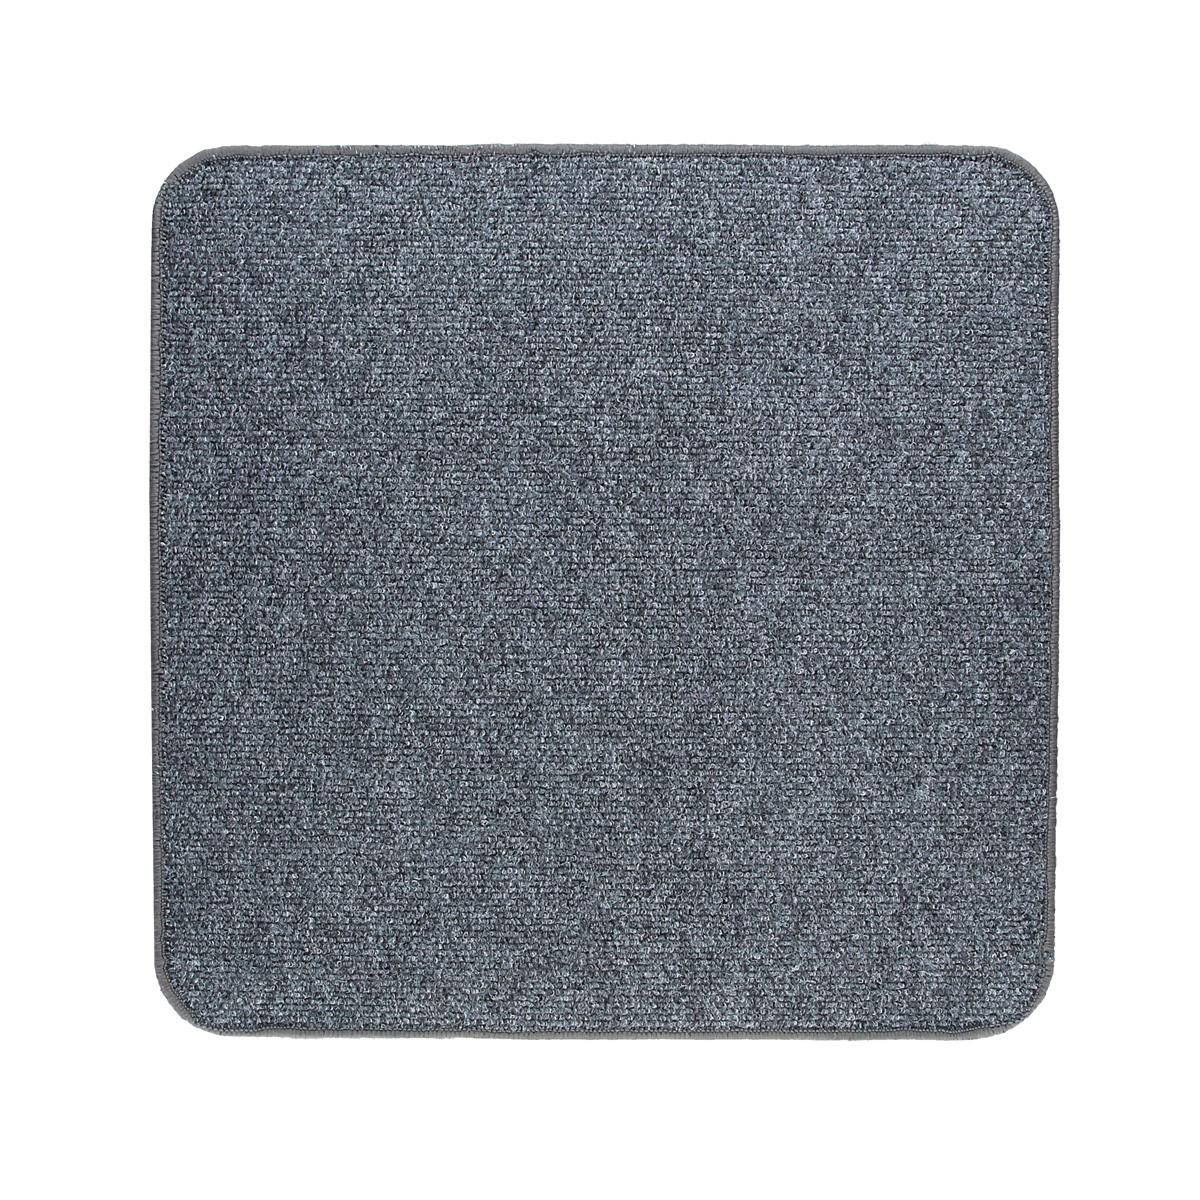 Электрический коврик с подогревом Теплик с термо и гидроизоляцией 50 х 50 см Темно-серый